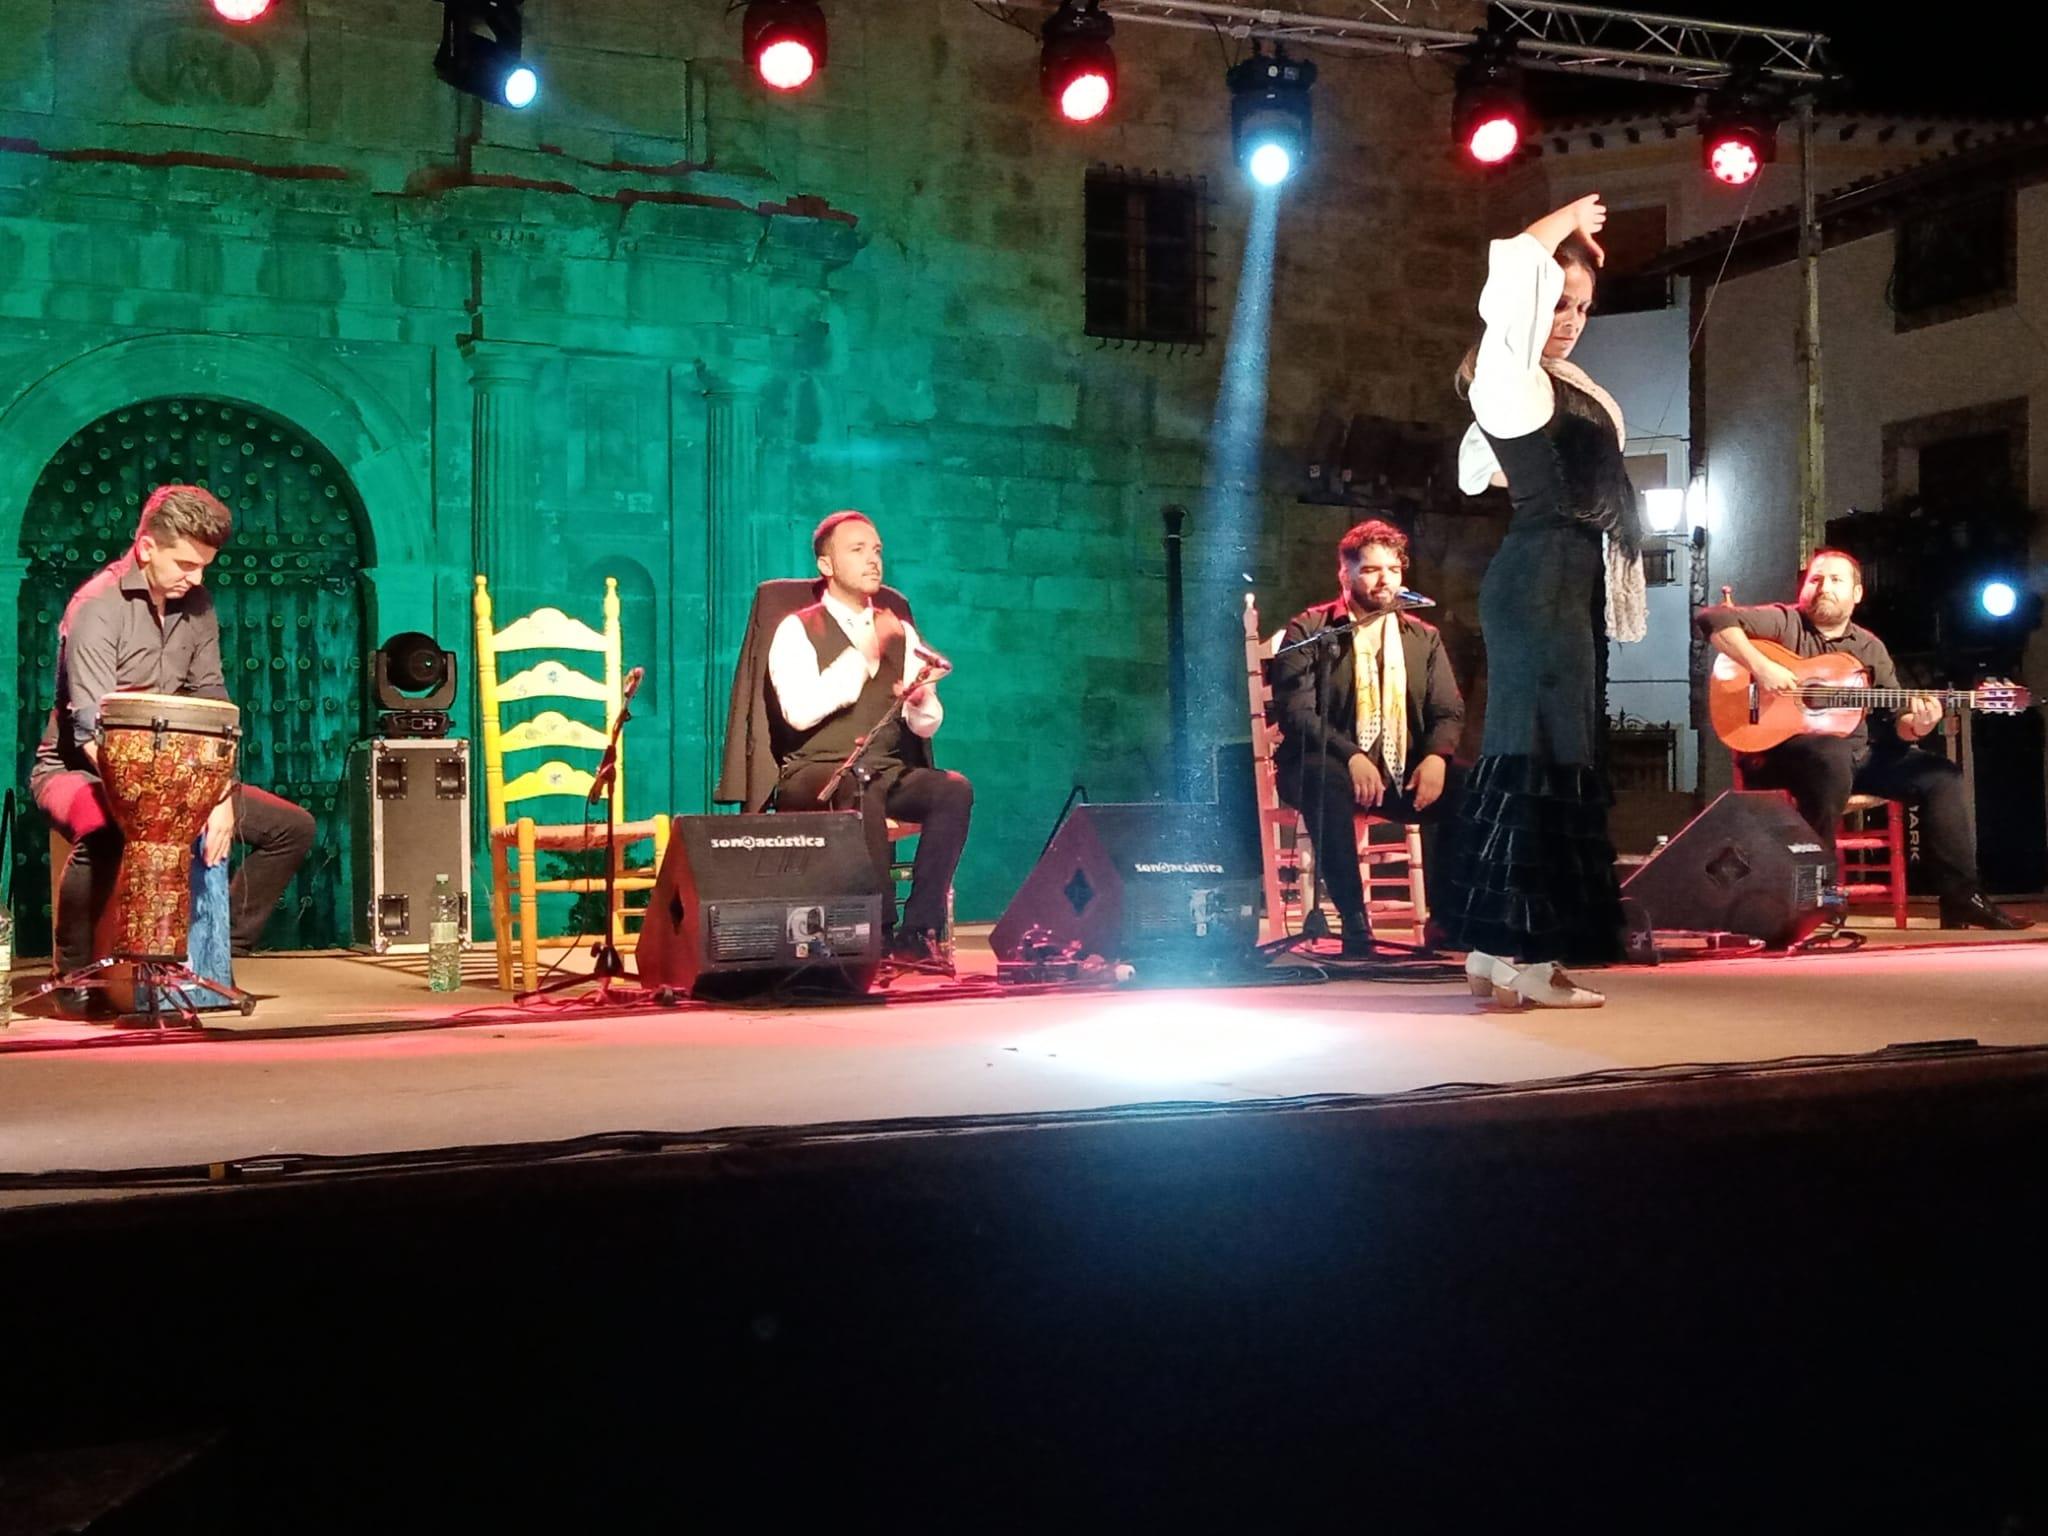 La gira cultural LIVE 360º de Diputación inicia las actuaciones previstas en septiembre